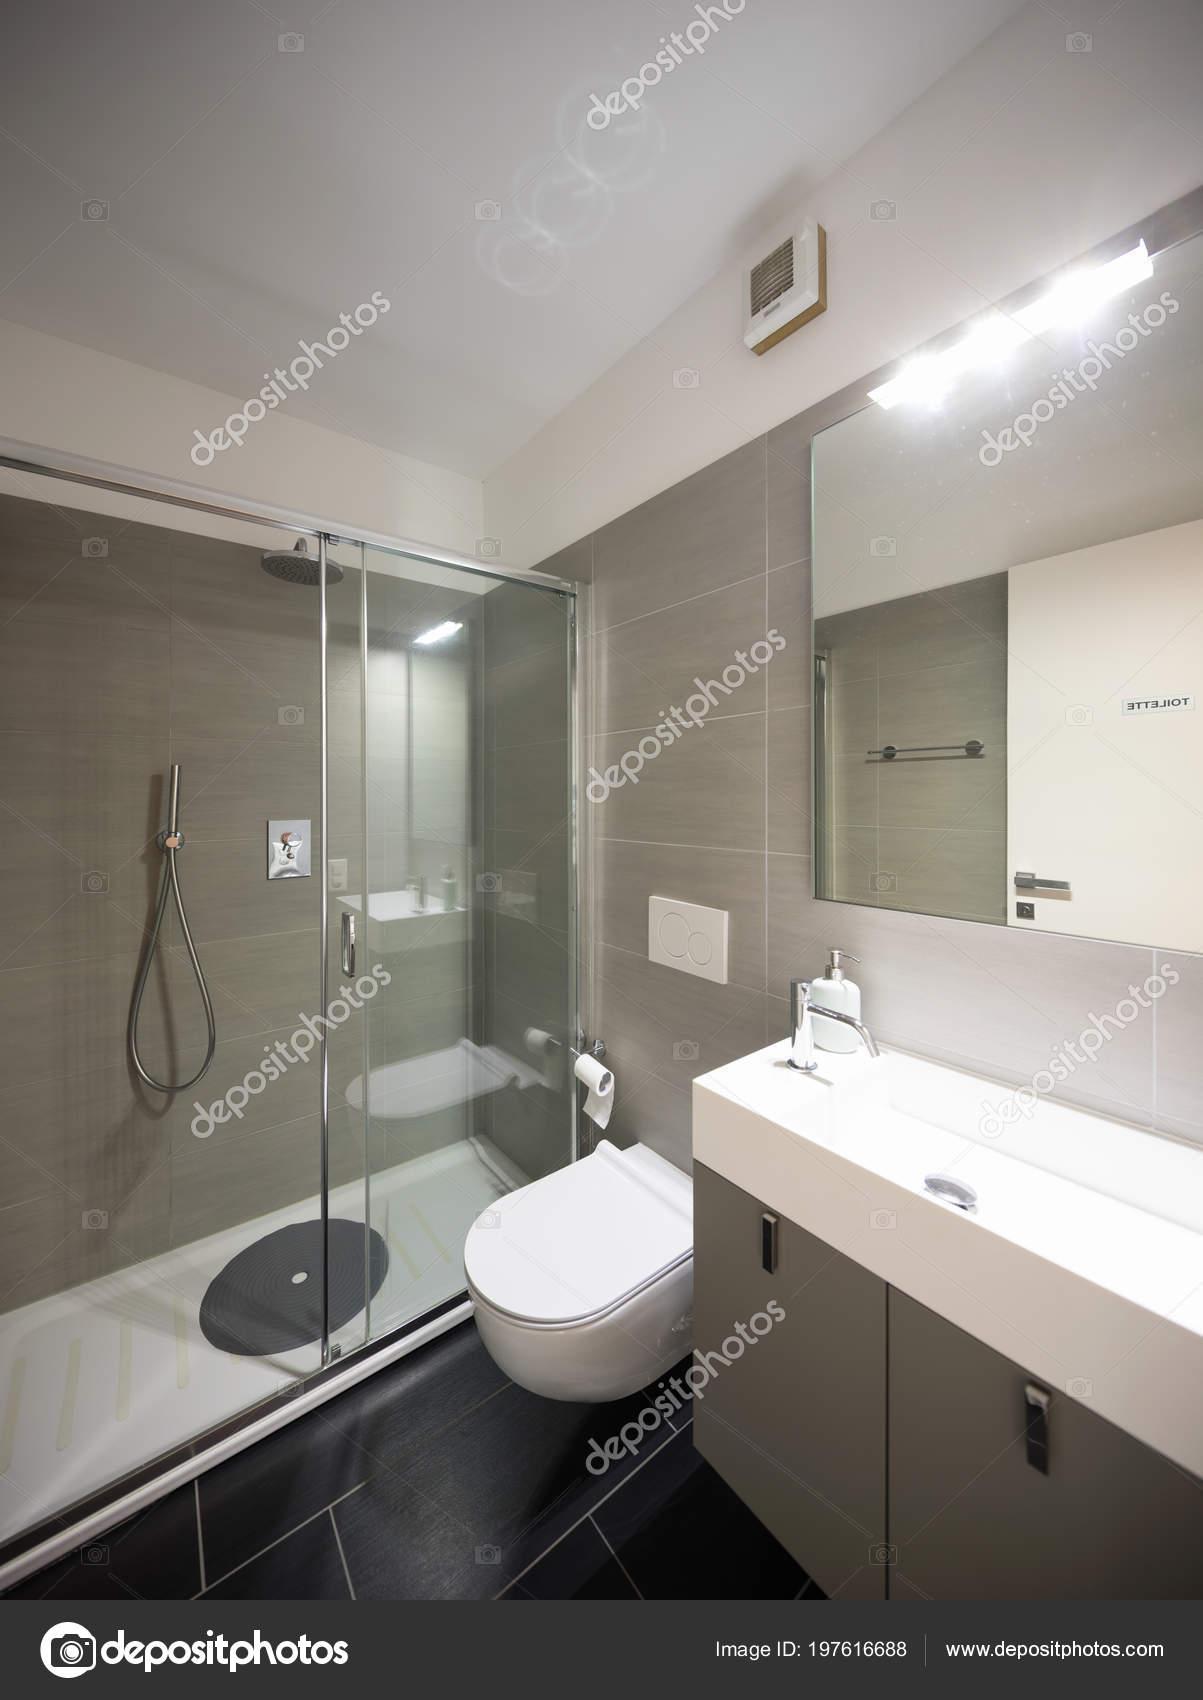 Nowoczesna łazienka Duże Brązowe Płytki Duże Lustro Nikt Nie